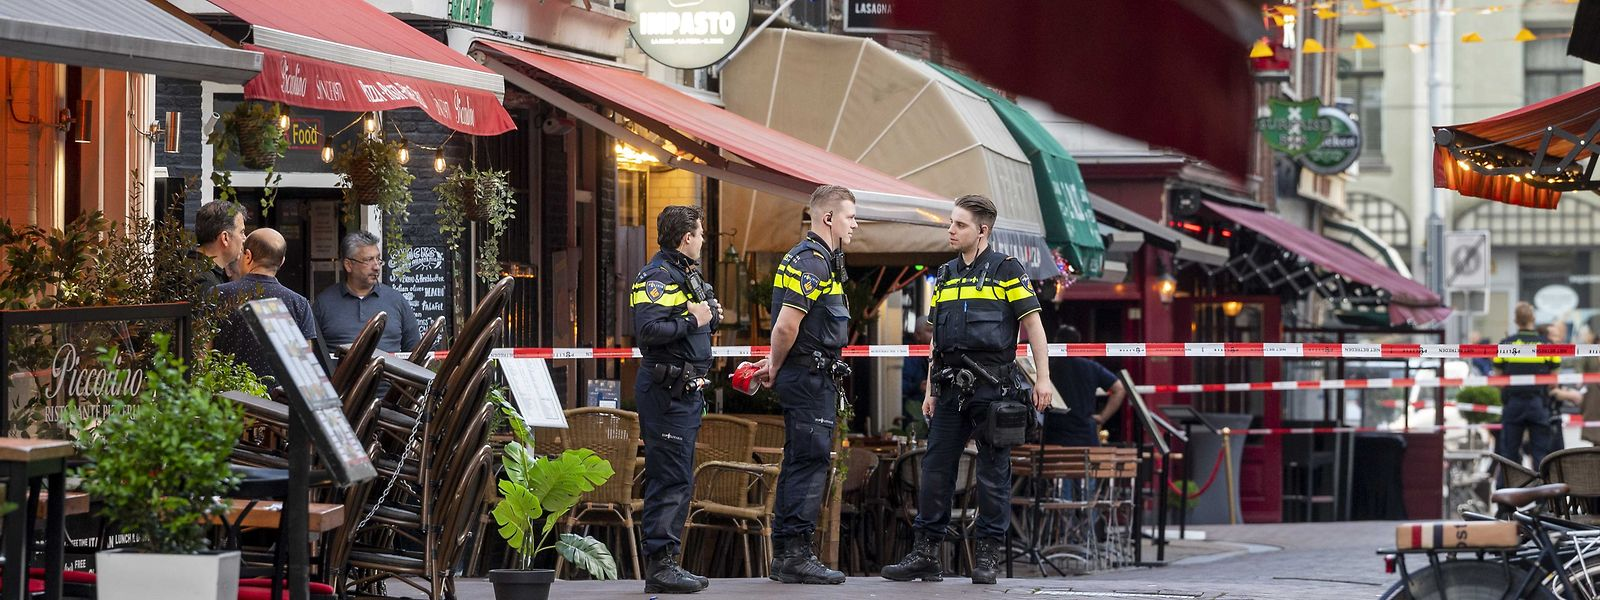 Polizisten ermitteln im Leidseplein im Zentrum vonAmsterdam, nachdem ein Unbekannter auf den prominenten Kriminalreporter Peter R. de Vries geschossen hat.